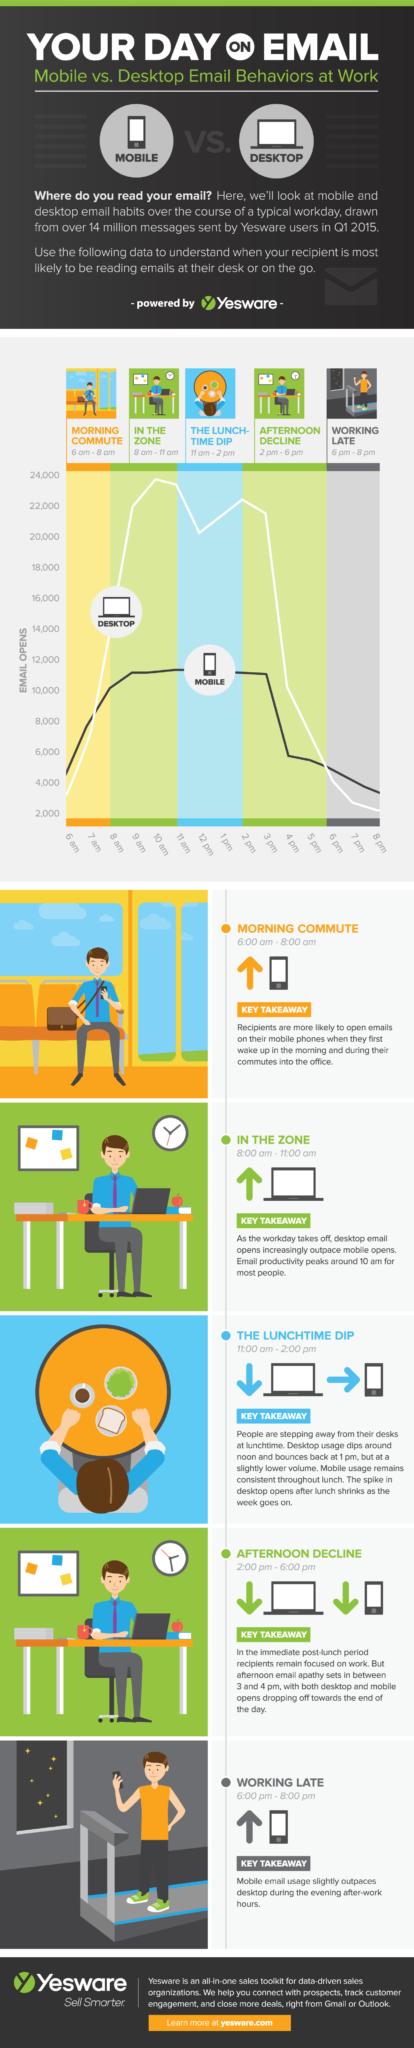 mobile-vs-desktop-1